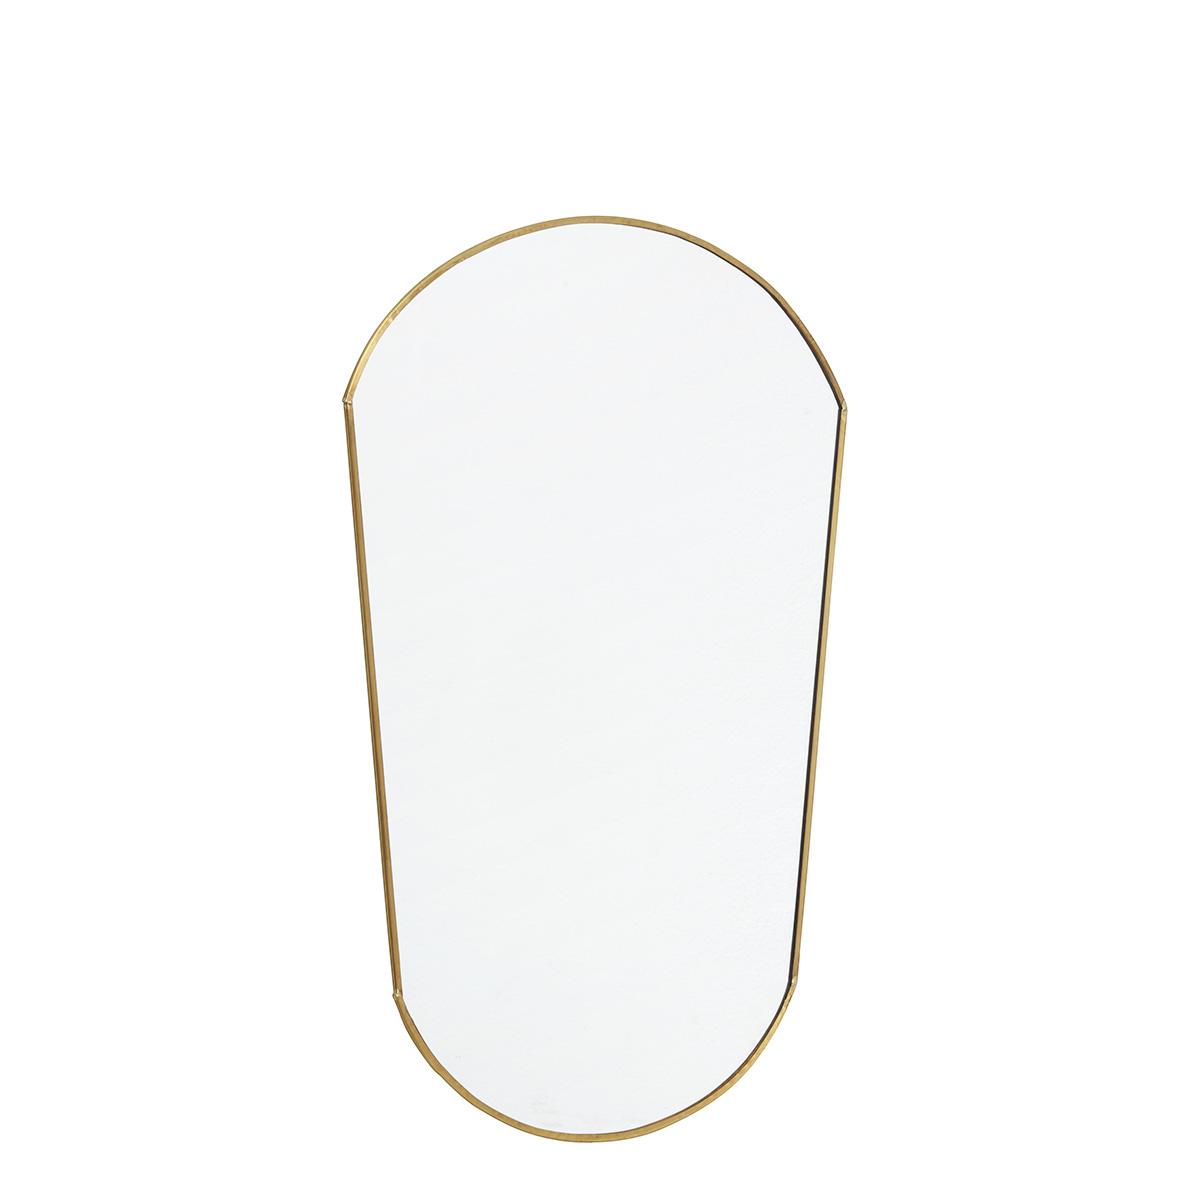 Speil Oval Gull